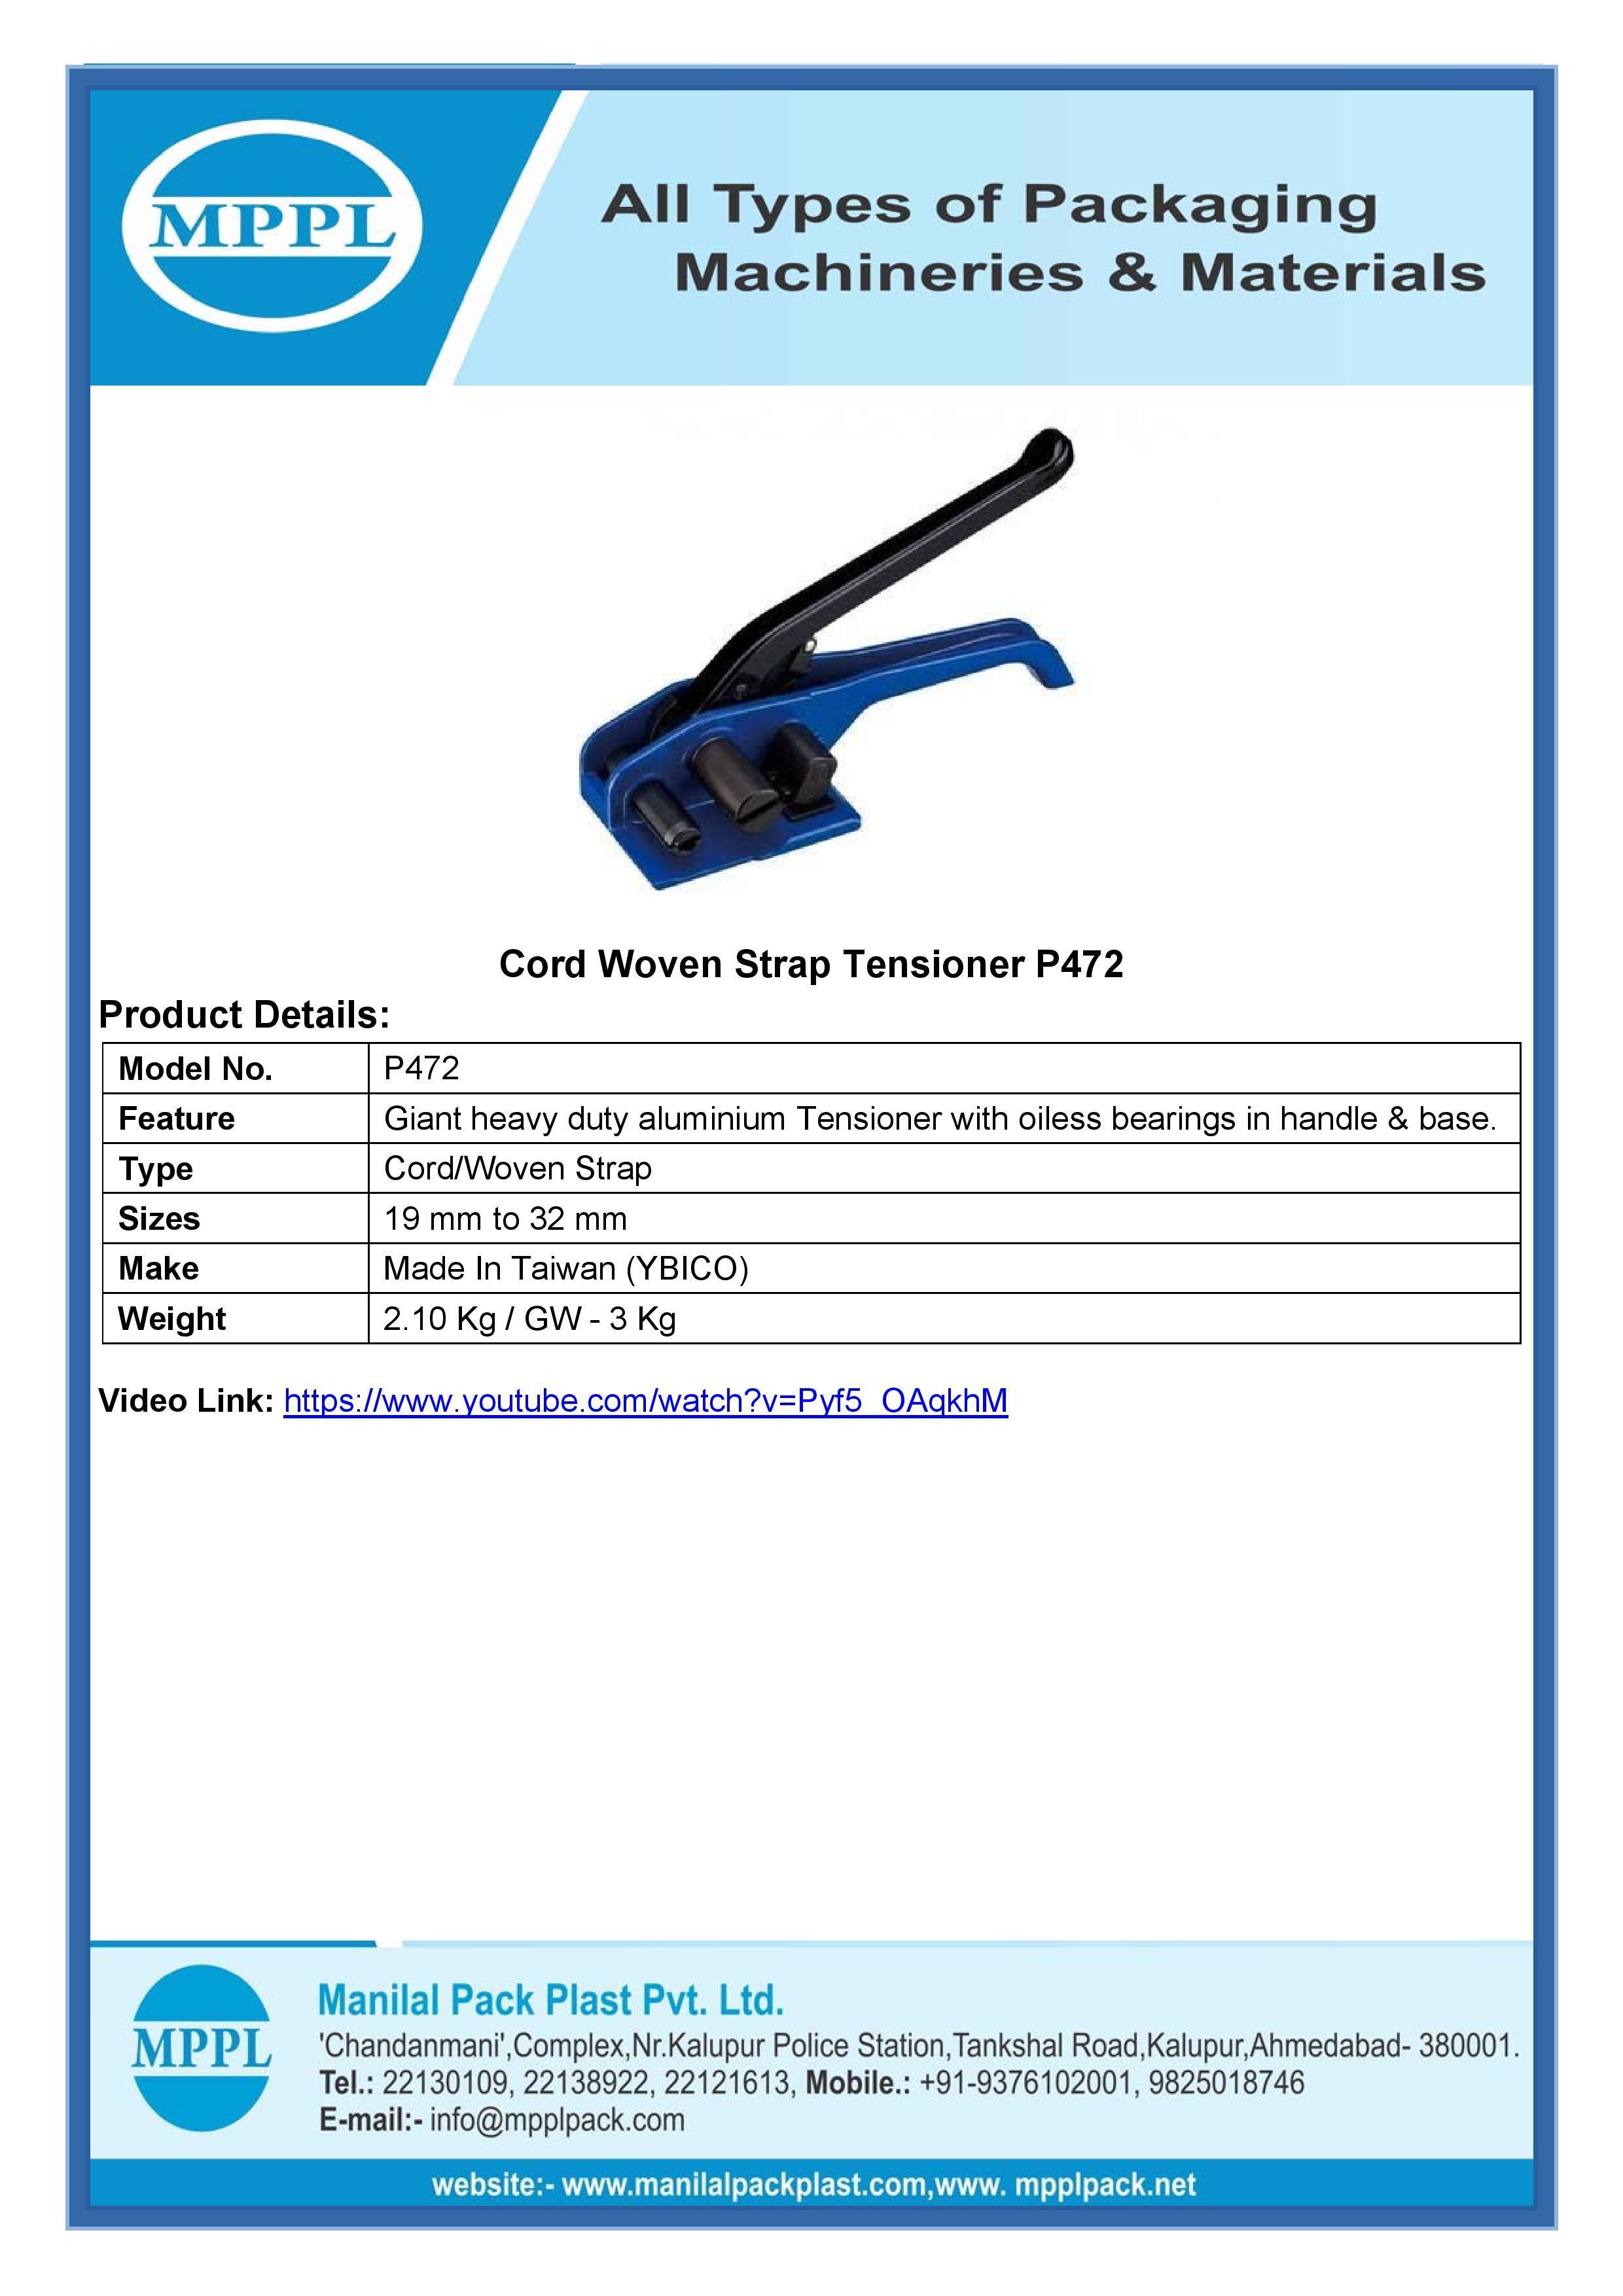 Cord Woven Strap Tensioner P472